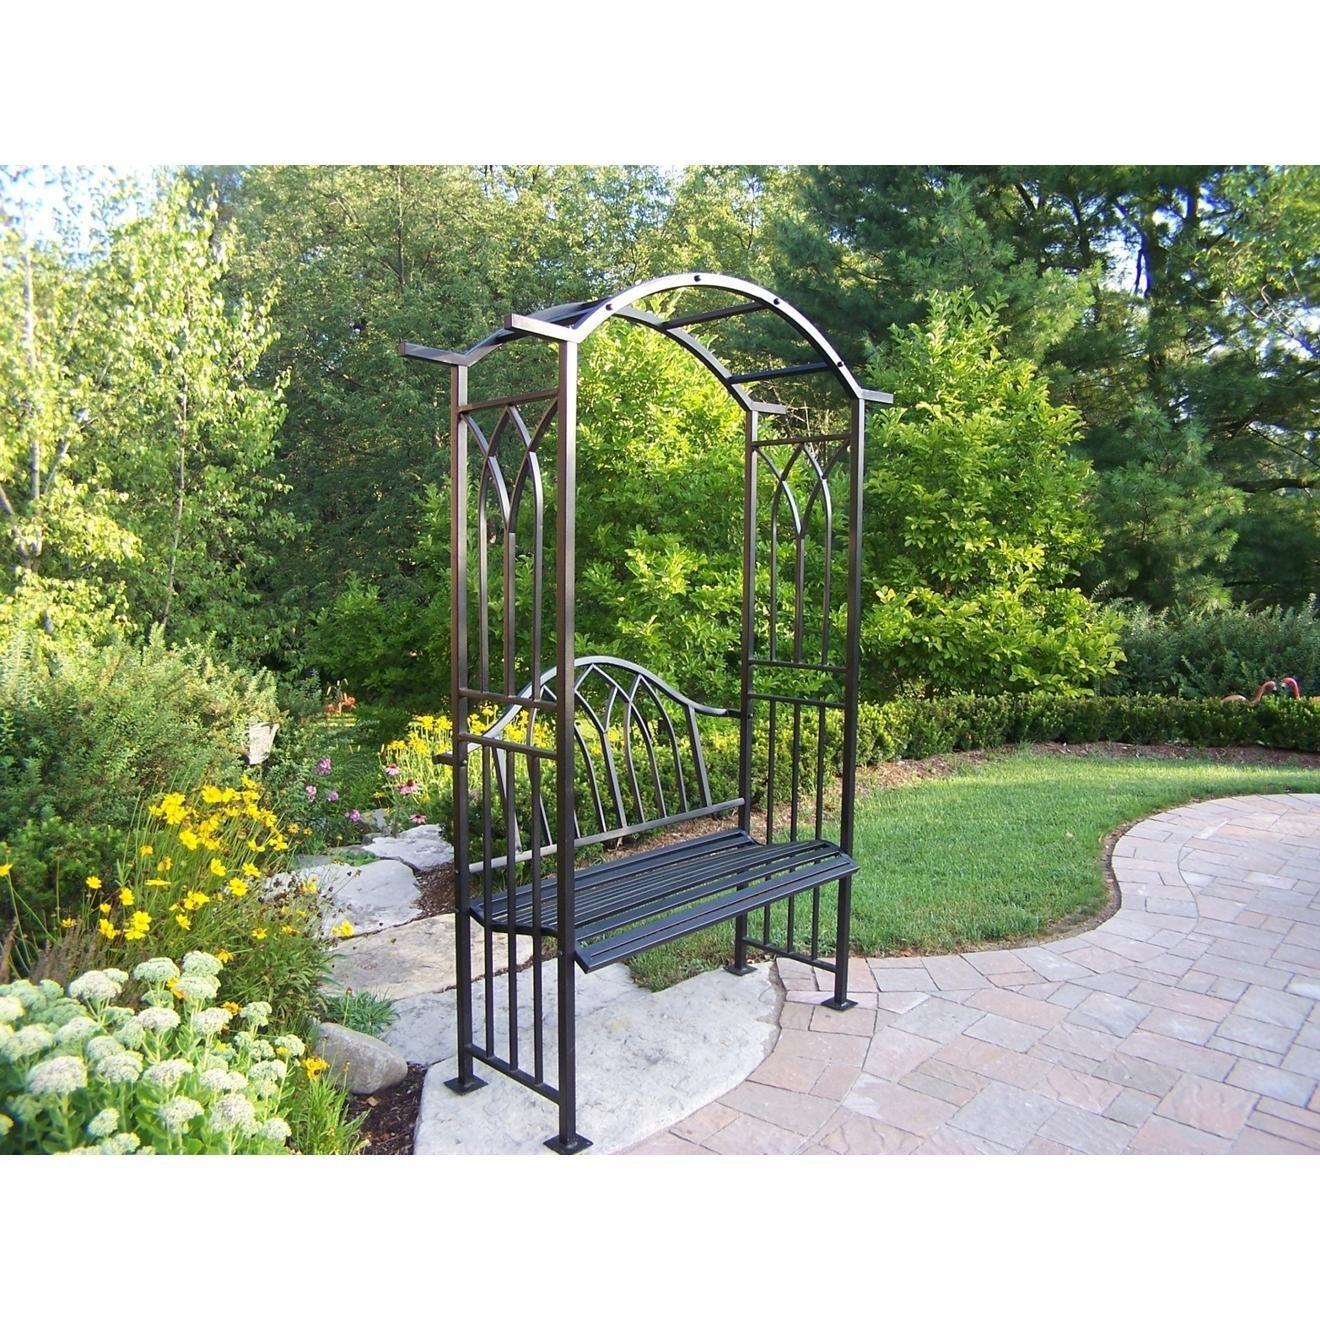 Garden Bench With Arbor Decor Ideasdecor Ideas